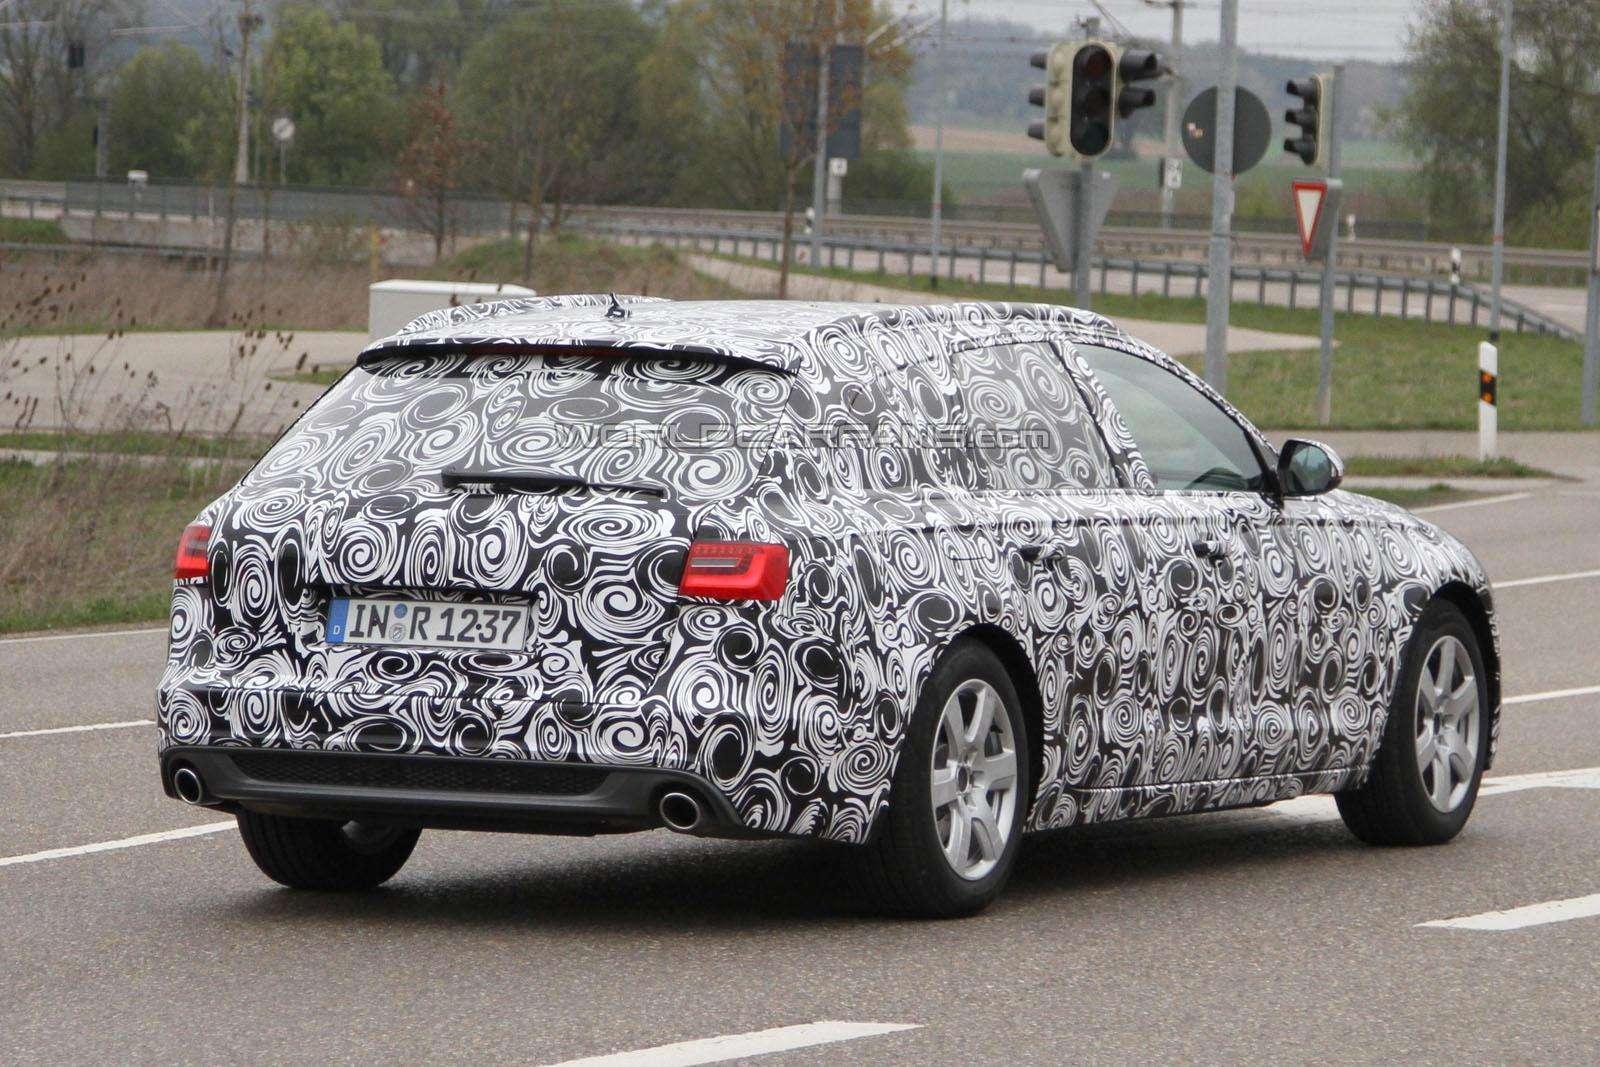 Audi A6 Avant zdjecia szpiegowskie Kwiecien 2011